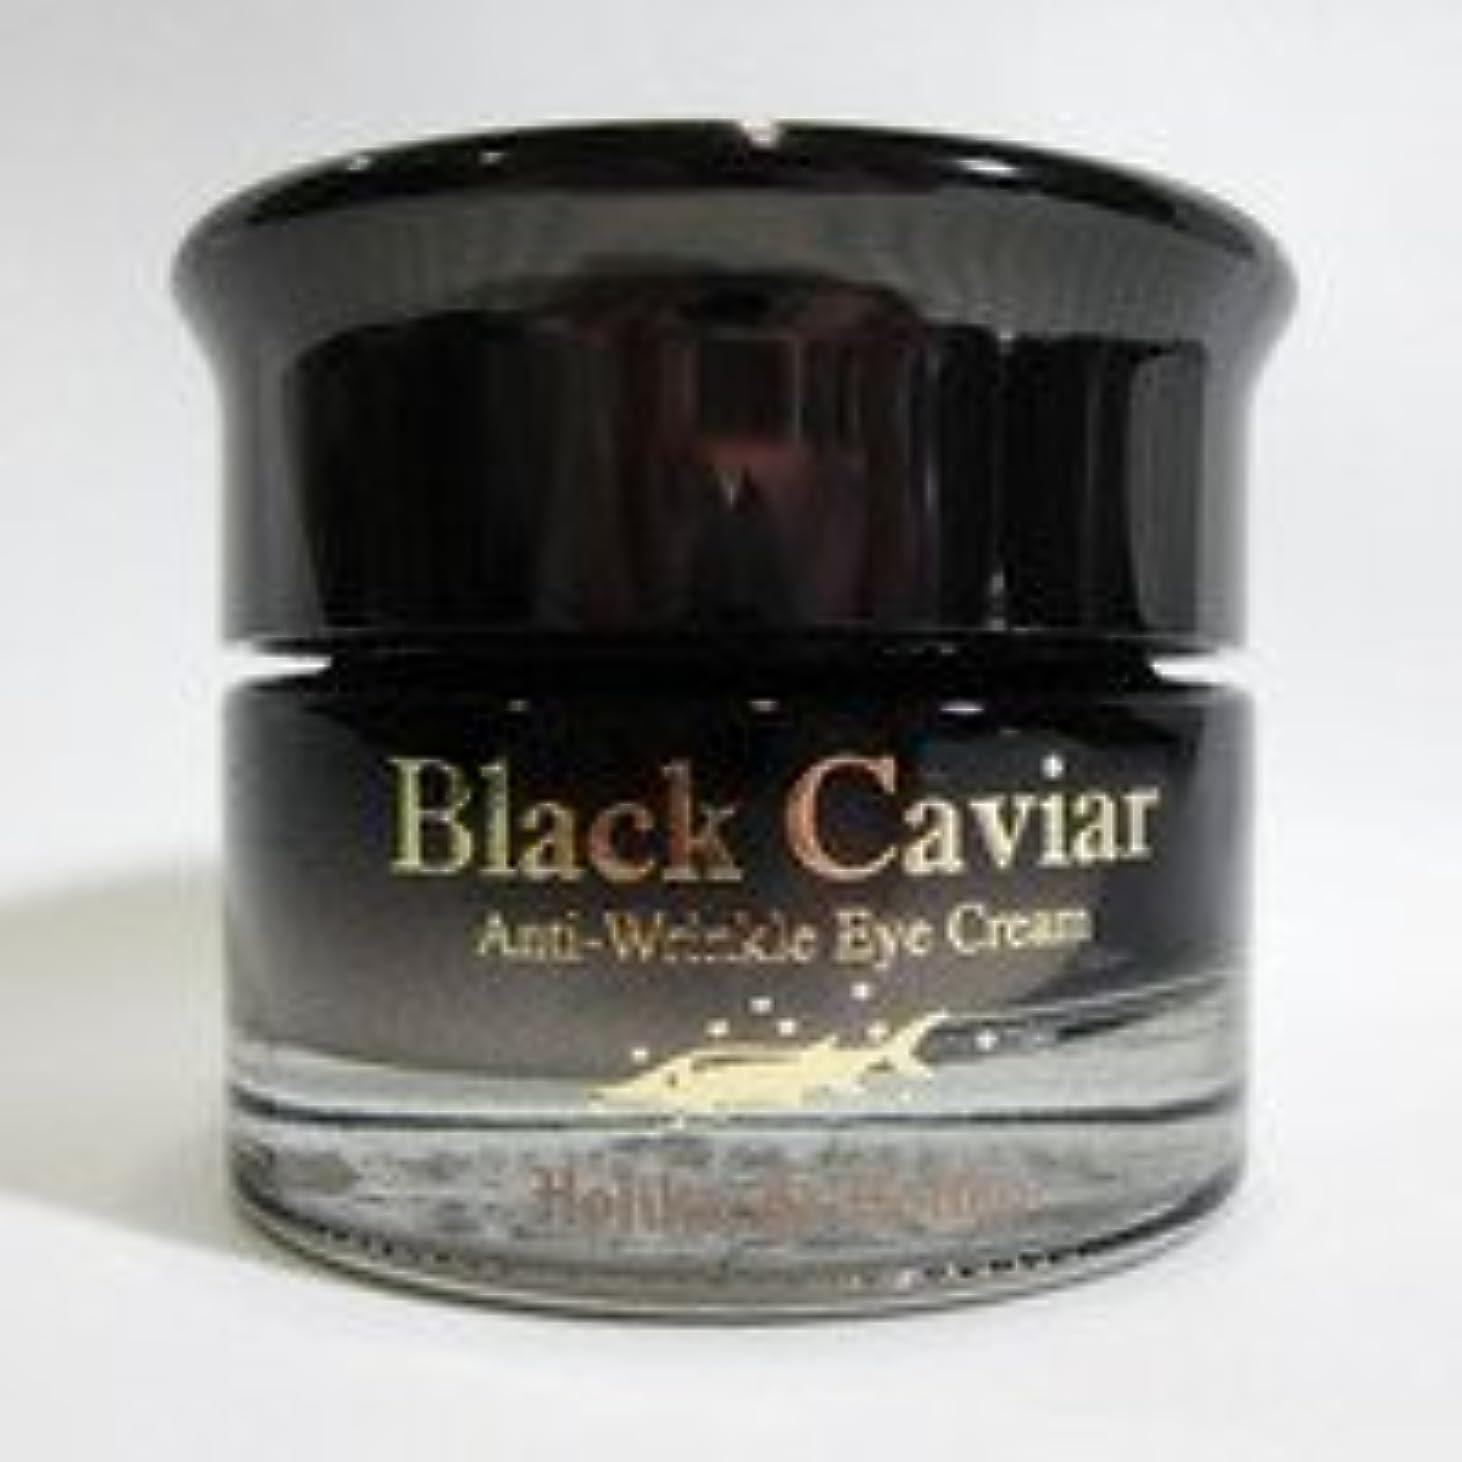 ウェイトレス代数的最大限Holika Holika ホリカホリカ ブラックキャビア アンチリンクル クリーム Black Caviar Anti-Wrinkle Cream